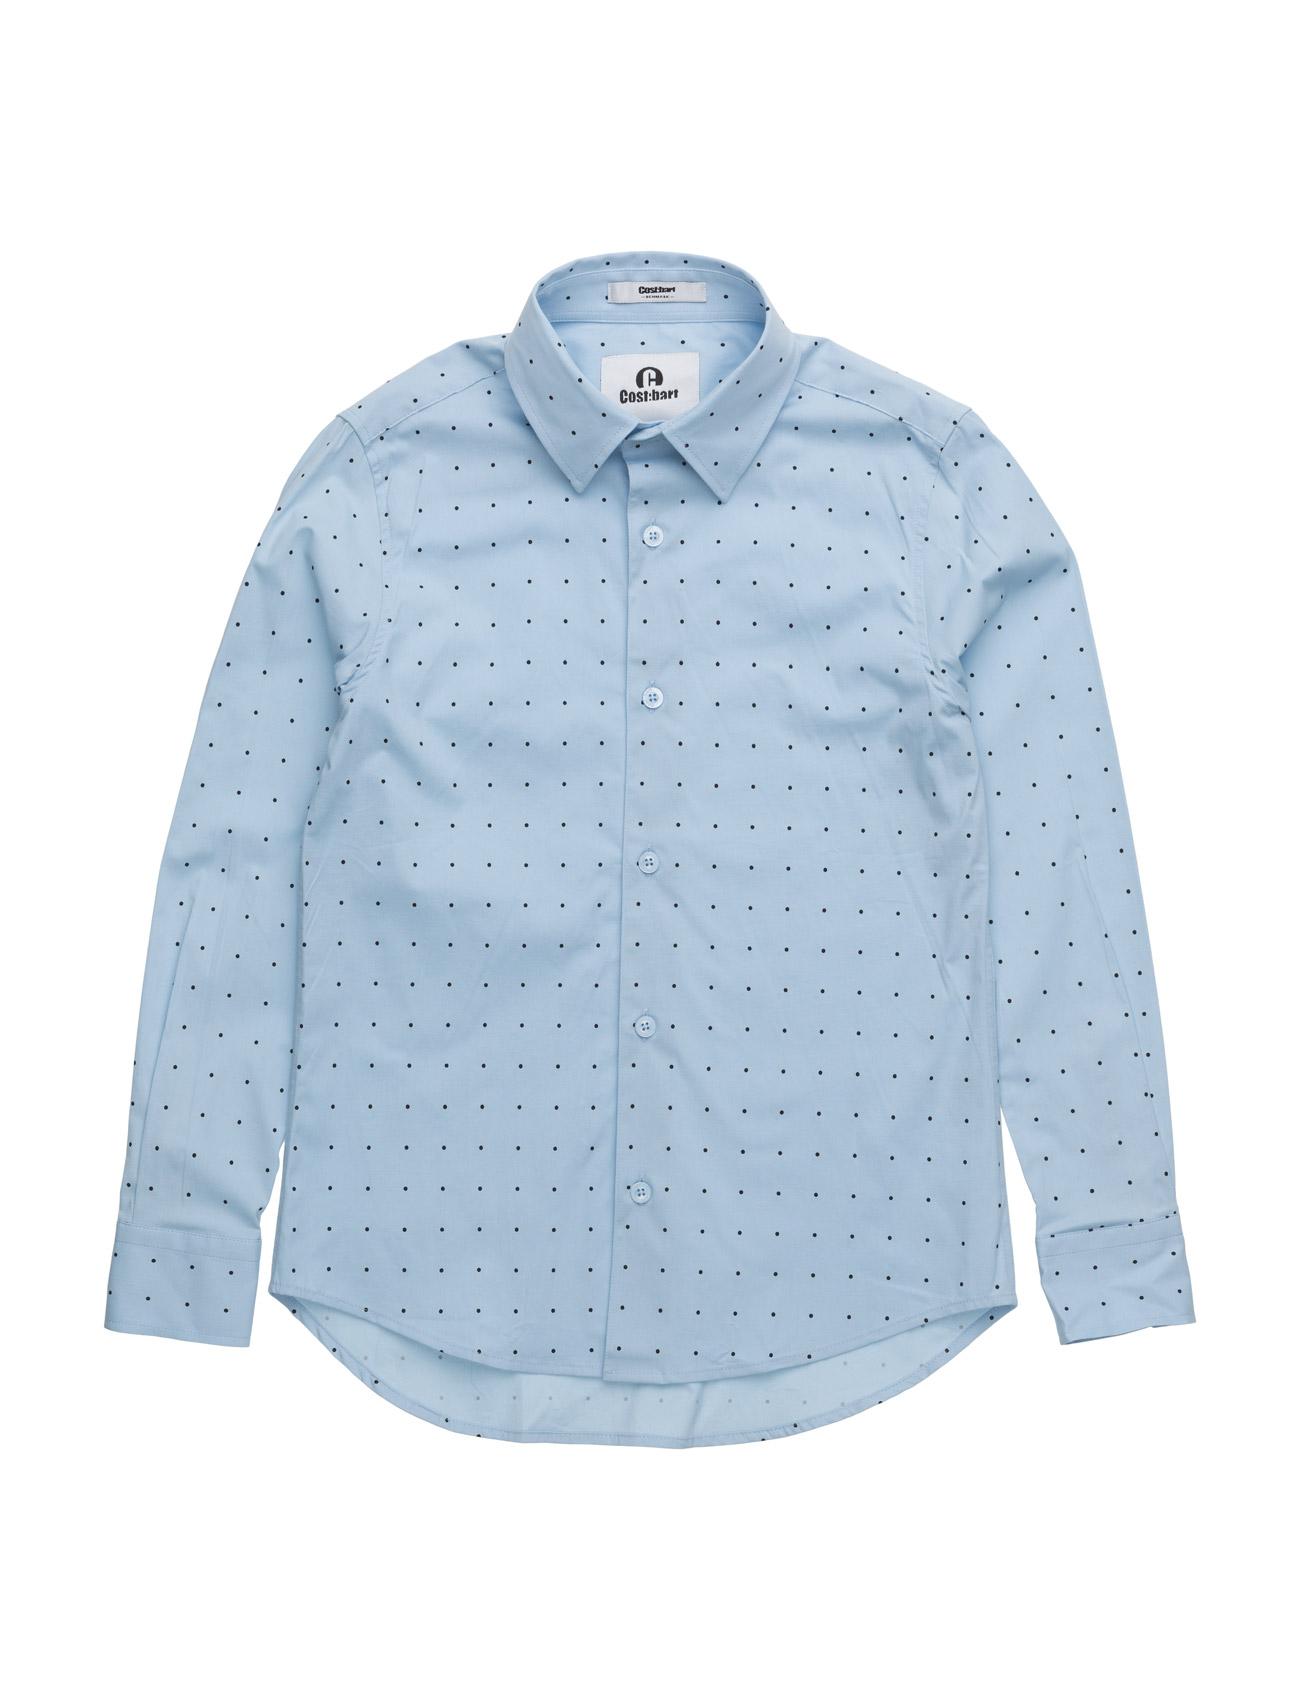 Kaiser Shirt CostBart Trøjer til Drenge i